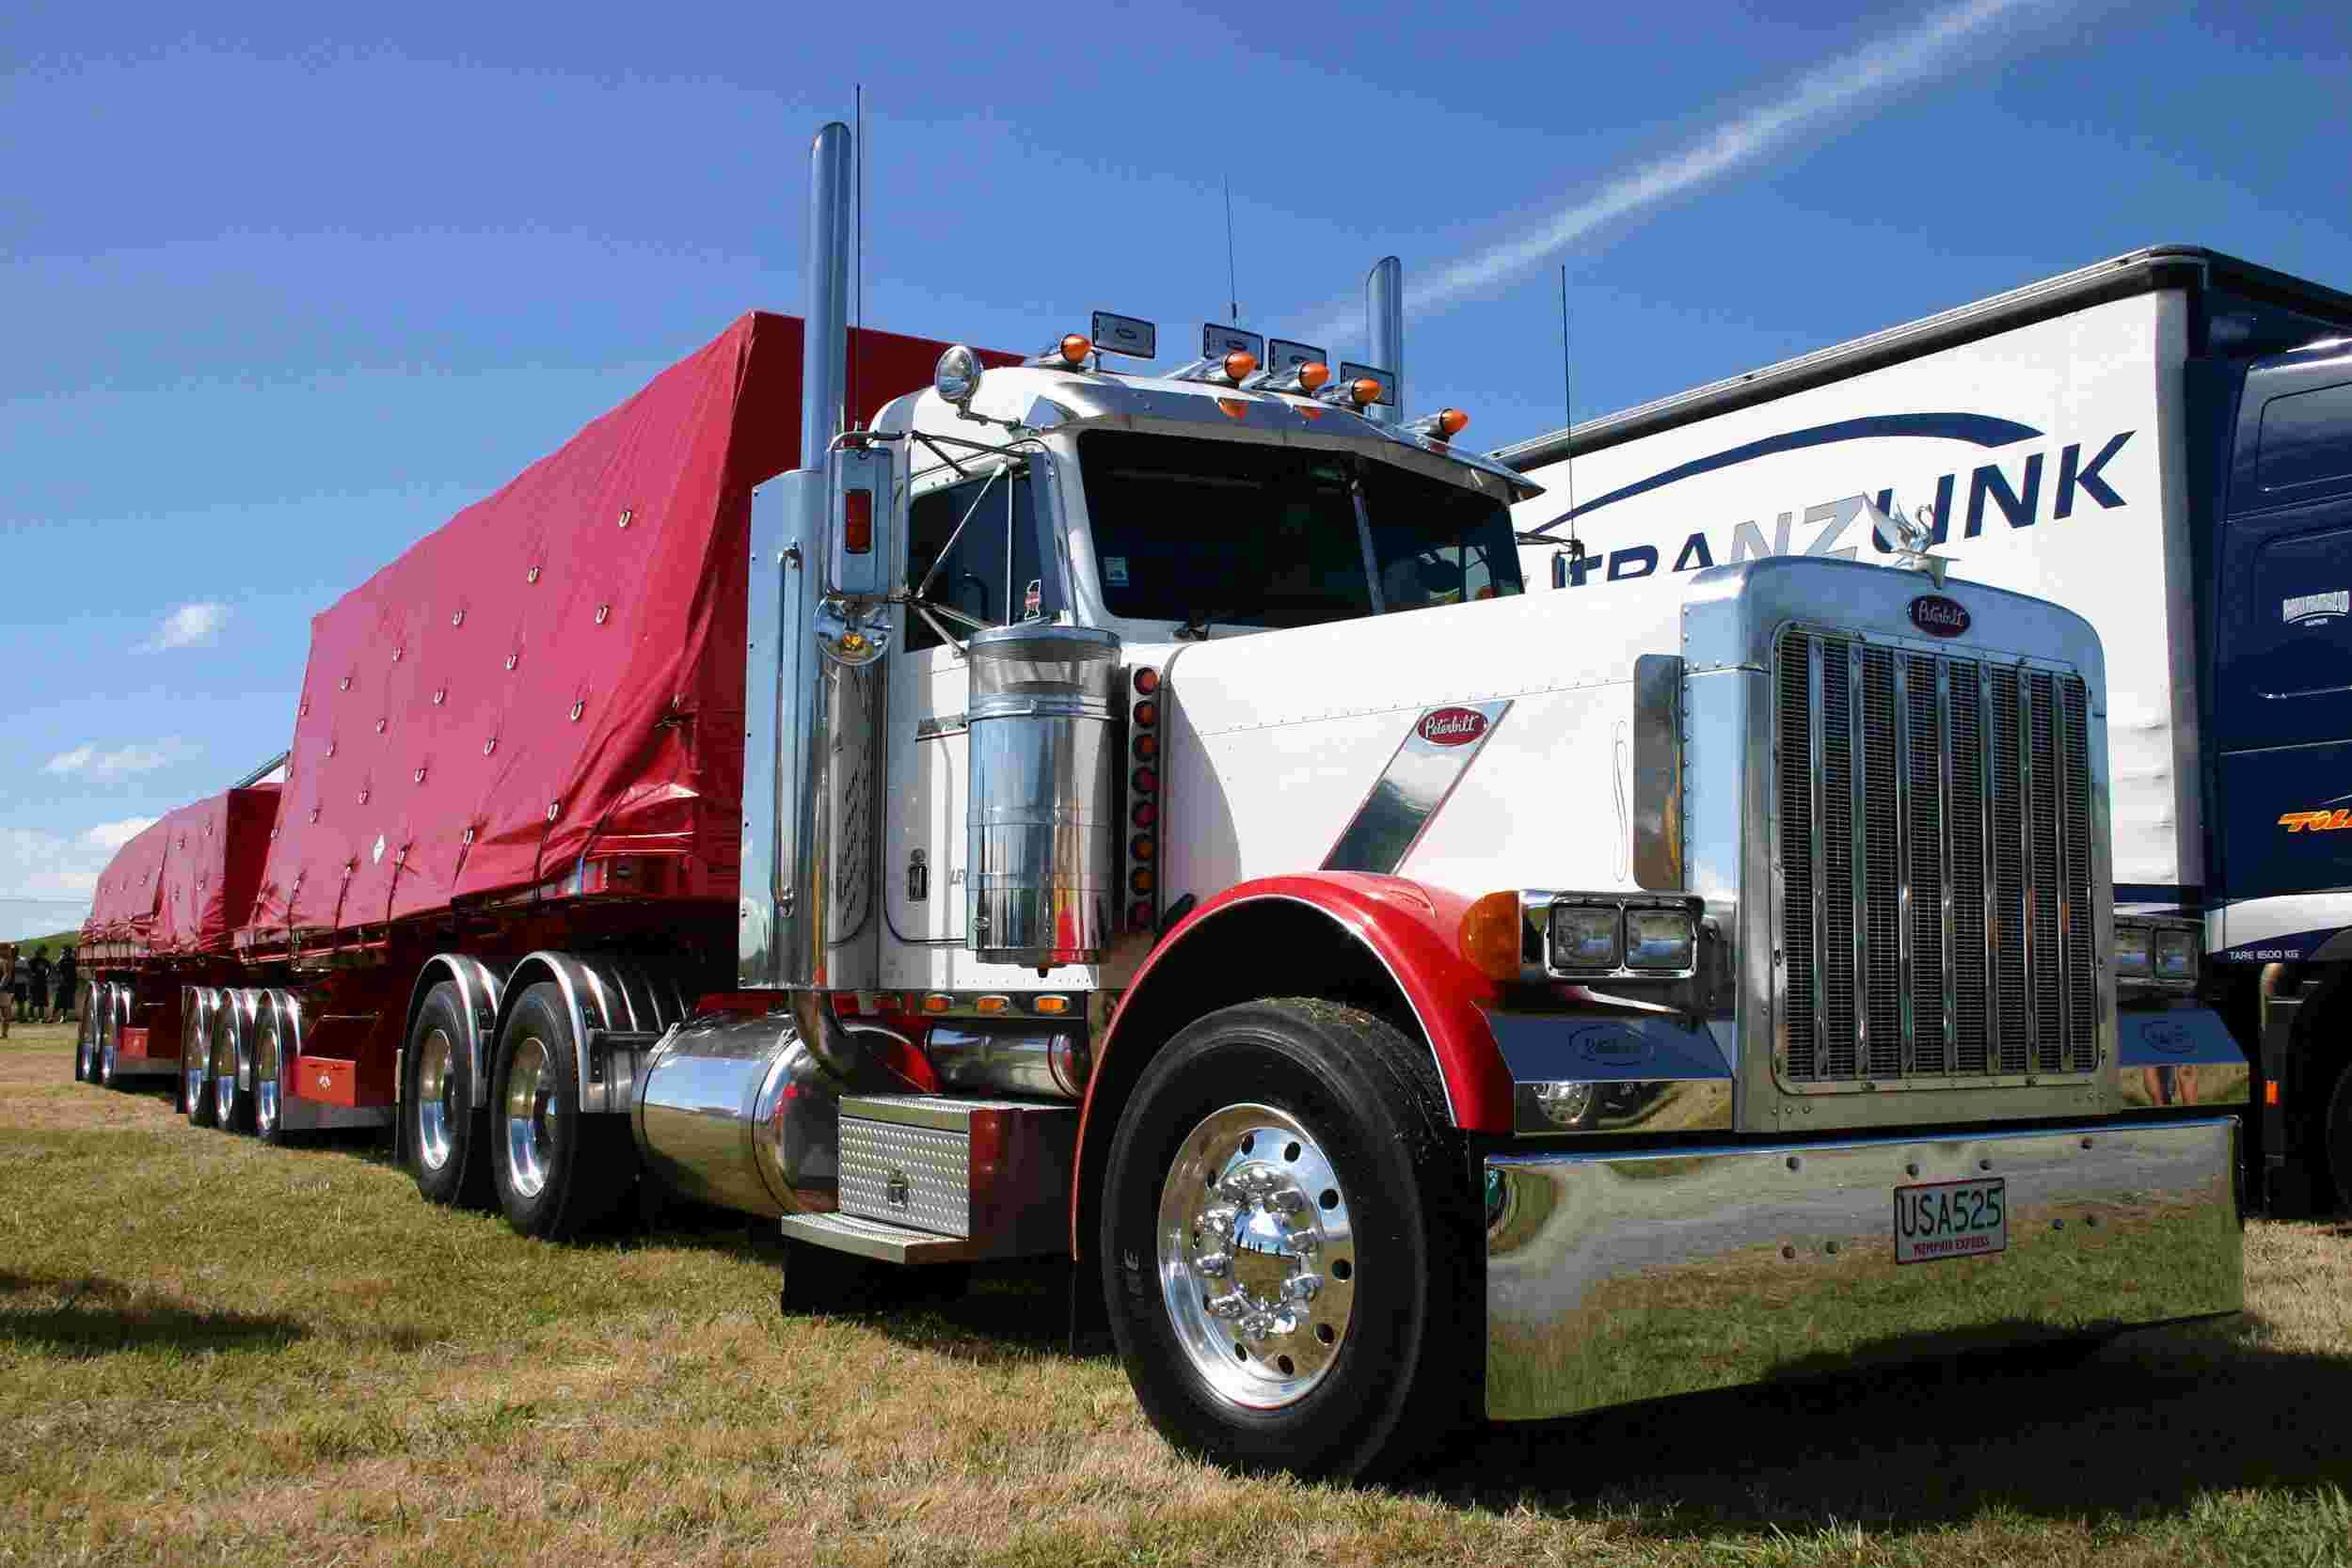 Peterbilt 379 06 wallpaper   Peterbilt   Trucks Buses   Wallpaper 2500x1667